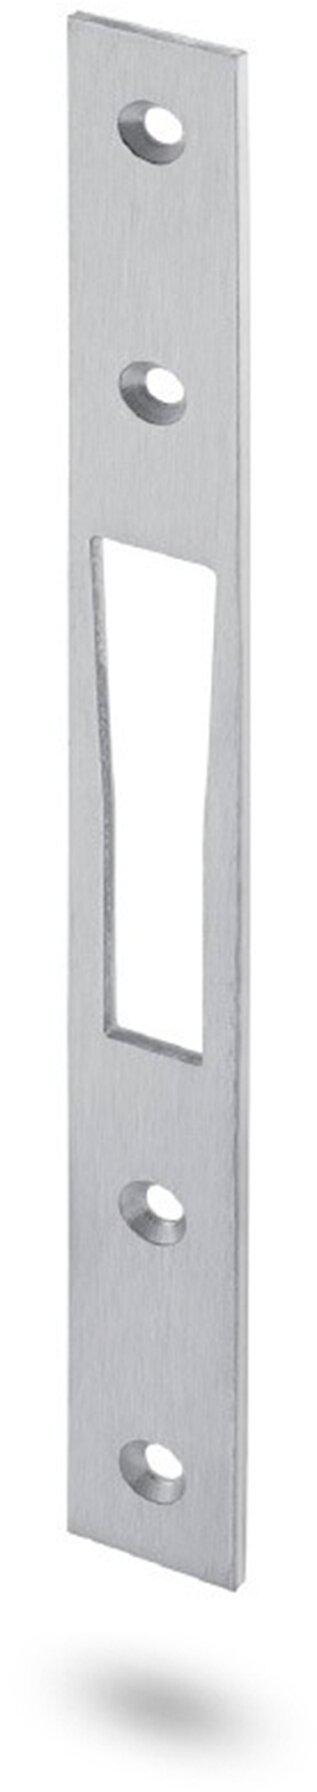 Schließblech Stahl verzinkt 240 x 24 x 3 mm zu Haken-Schwenkriegelschloss